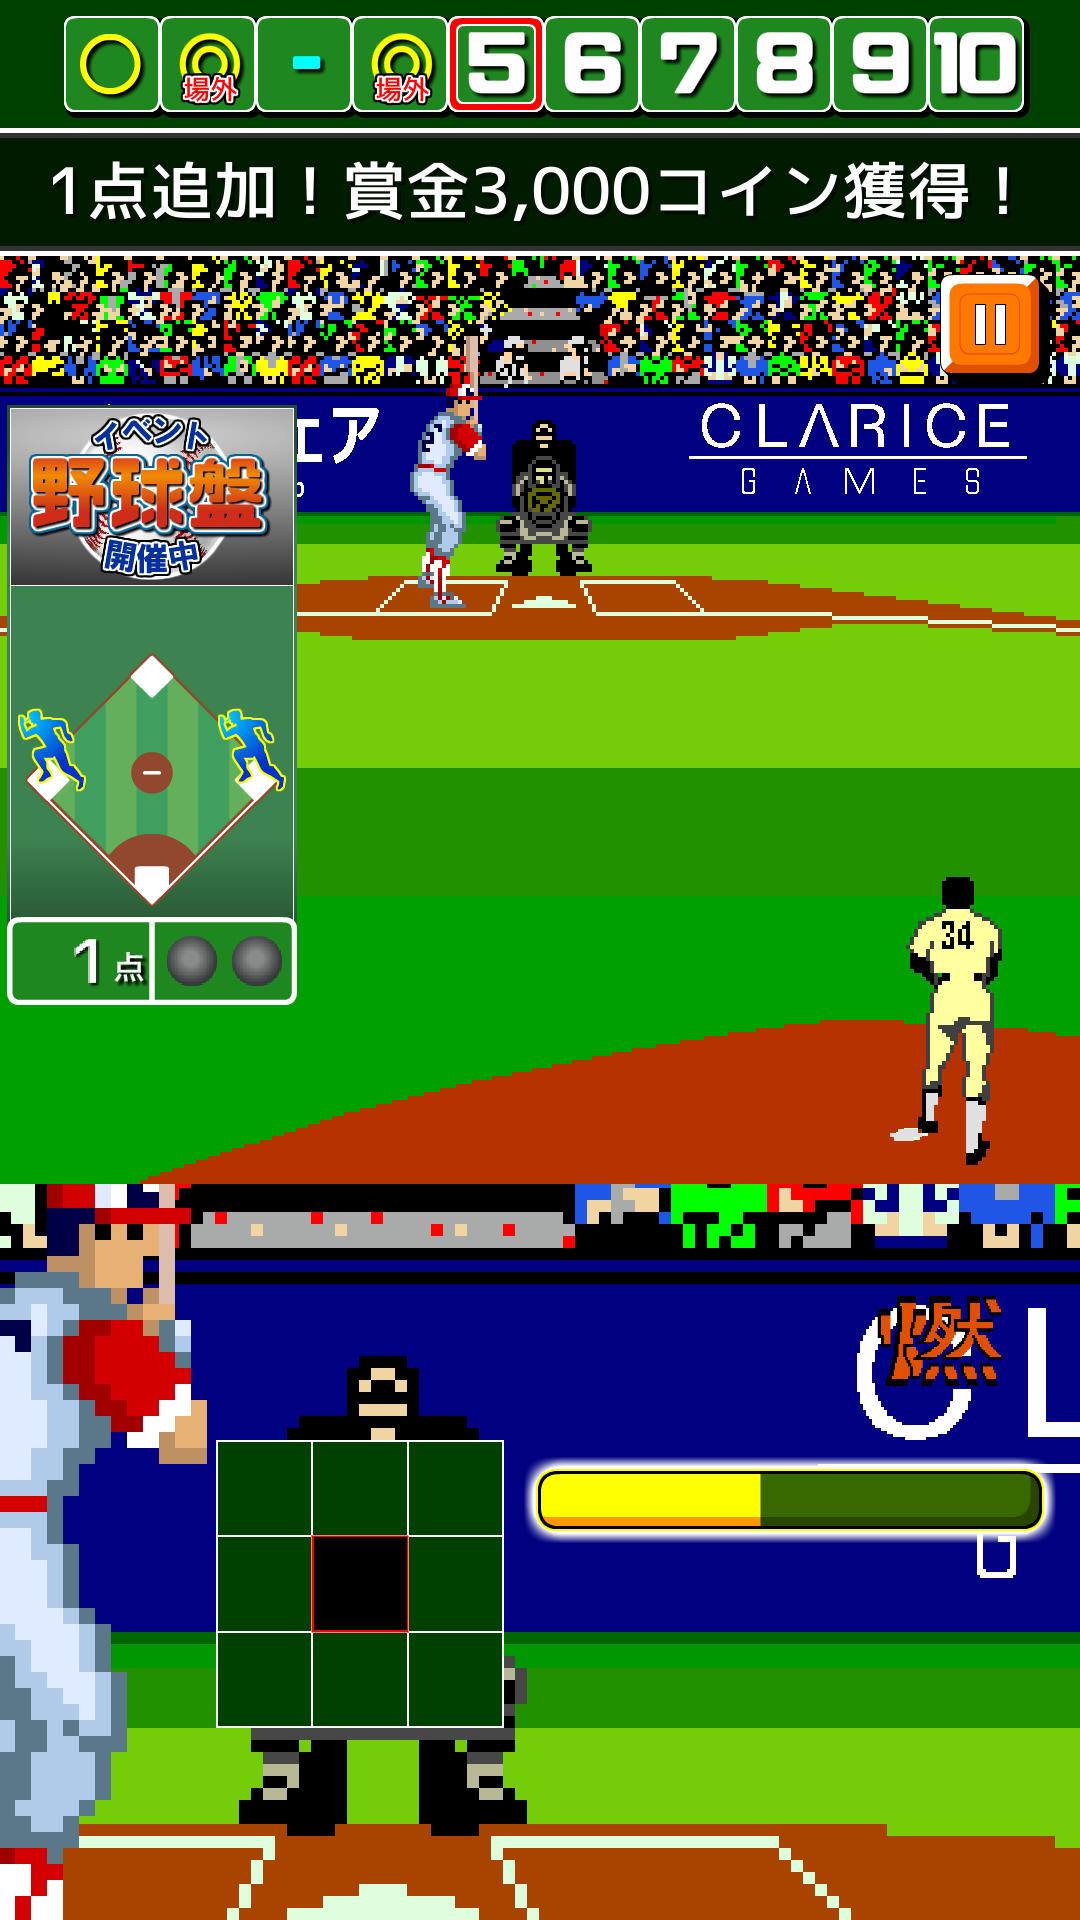 燃えろ!!プロ野球の画像 p1_20